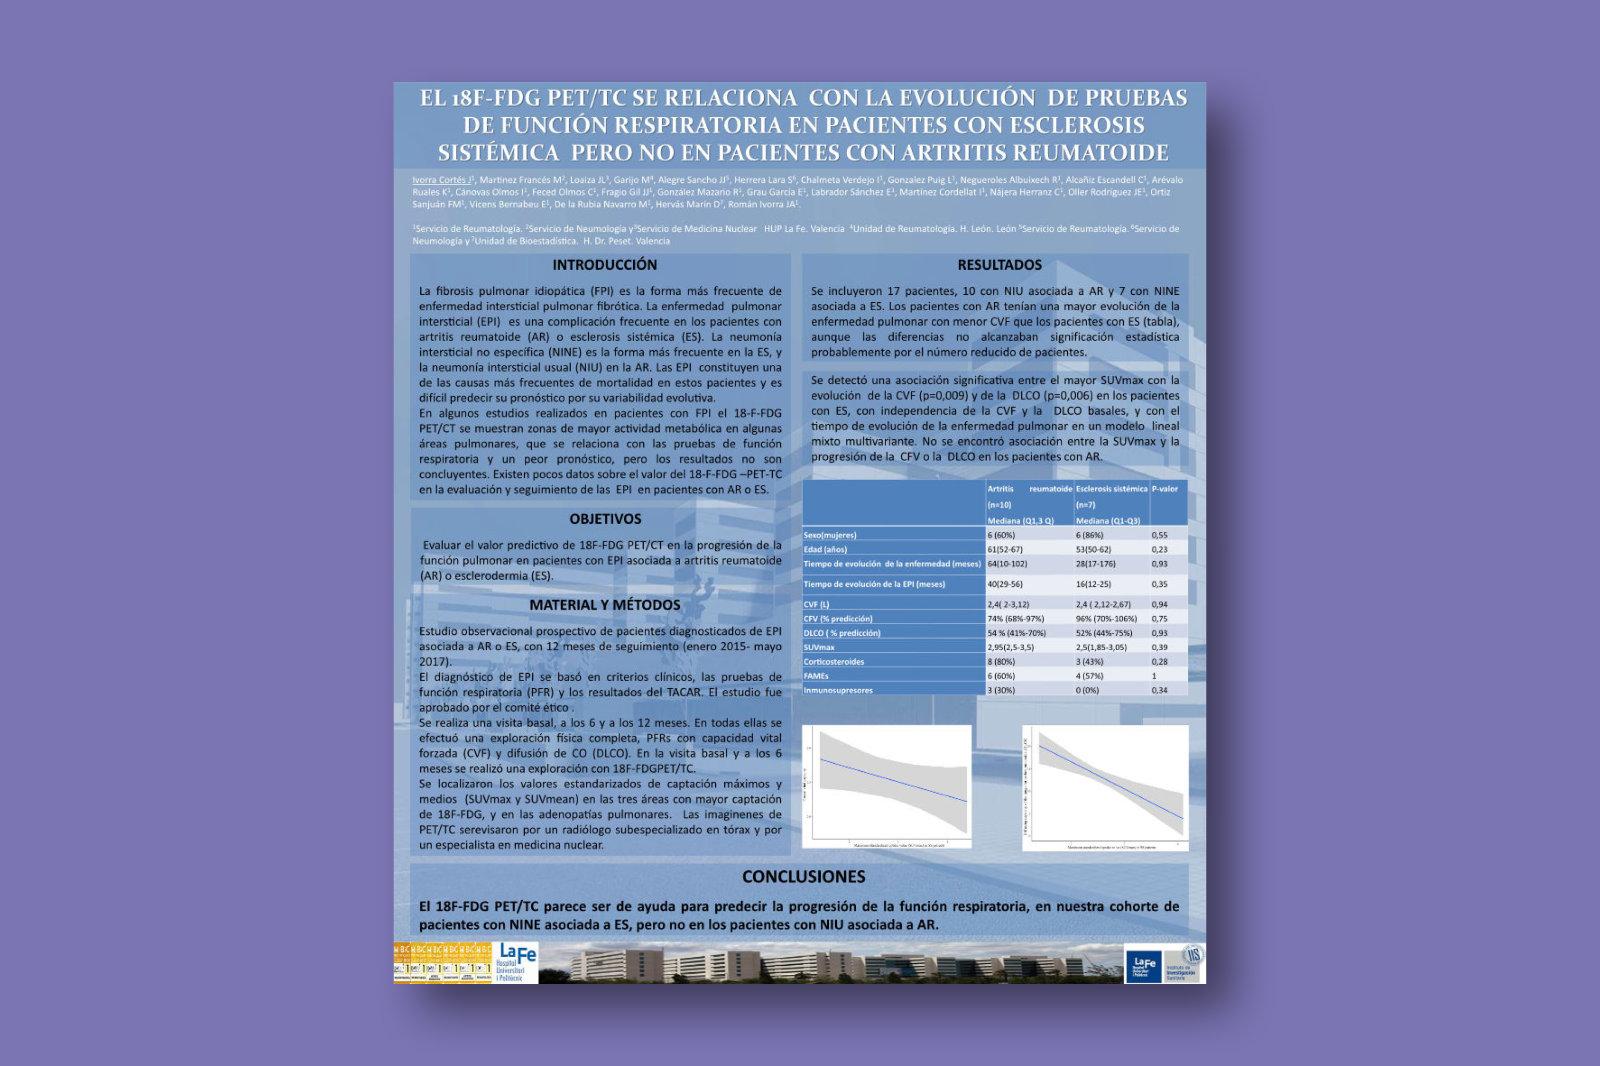 El 18F-FDG PET/TC se relaciona con la evolución de pruebas de función respiratoria en pacientes con Esclerosis Sistémica pero no en pacientes con Artritis Reumatoide